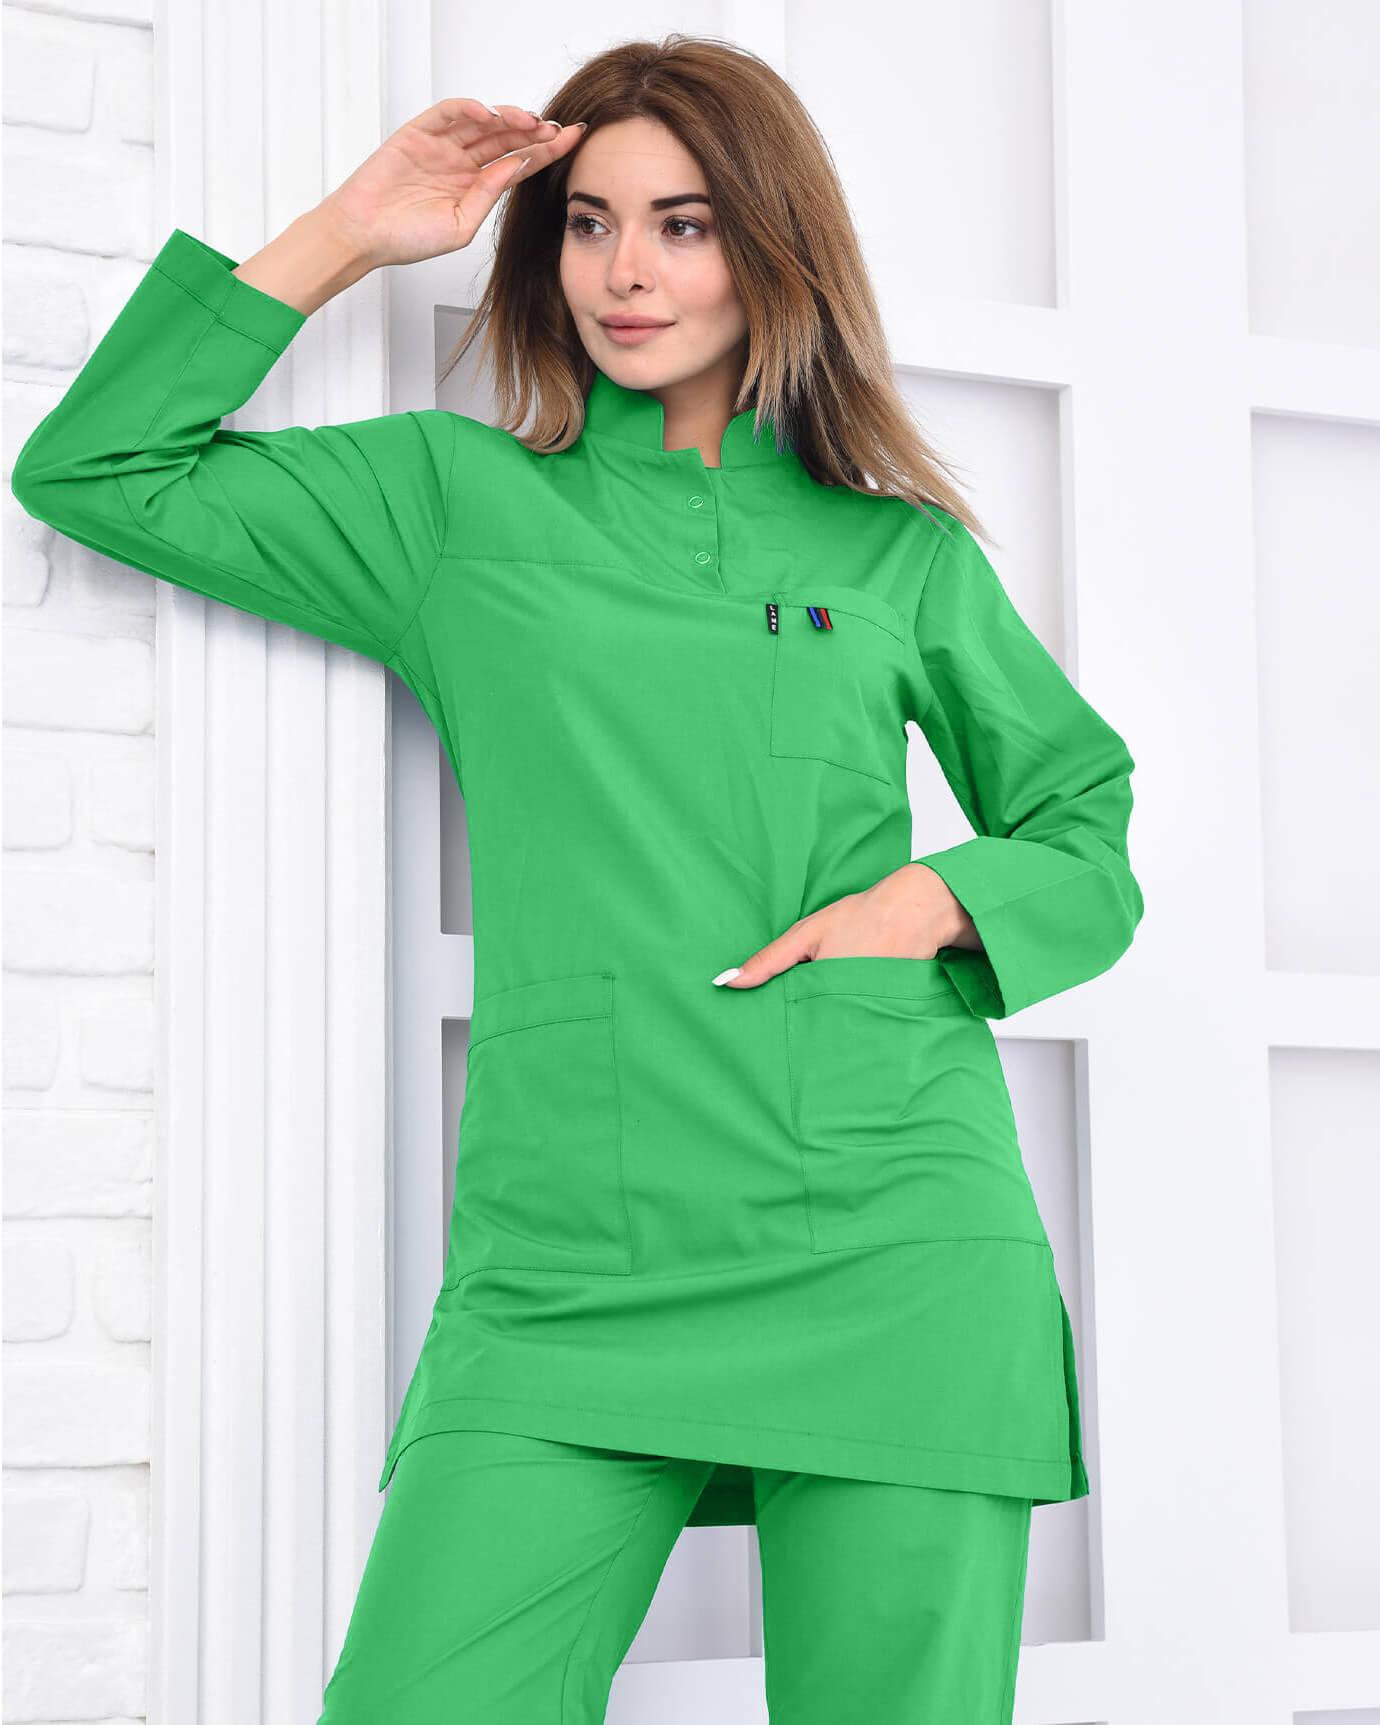 Tesettür Benetton Yeşili Forma Üstü %100 Pamuk Likralı